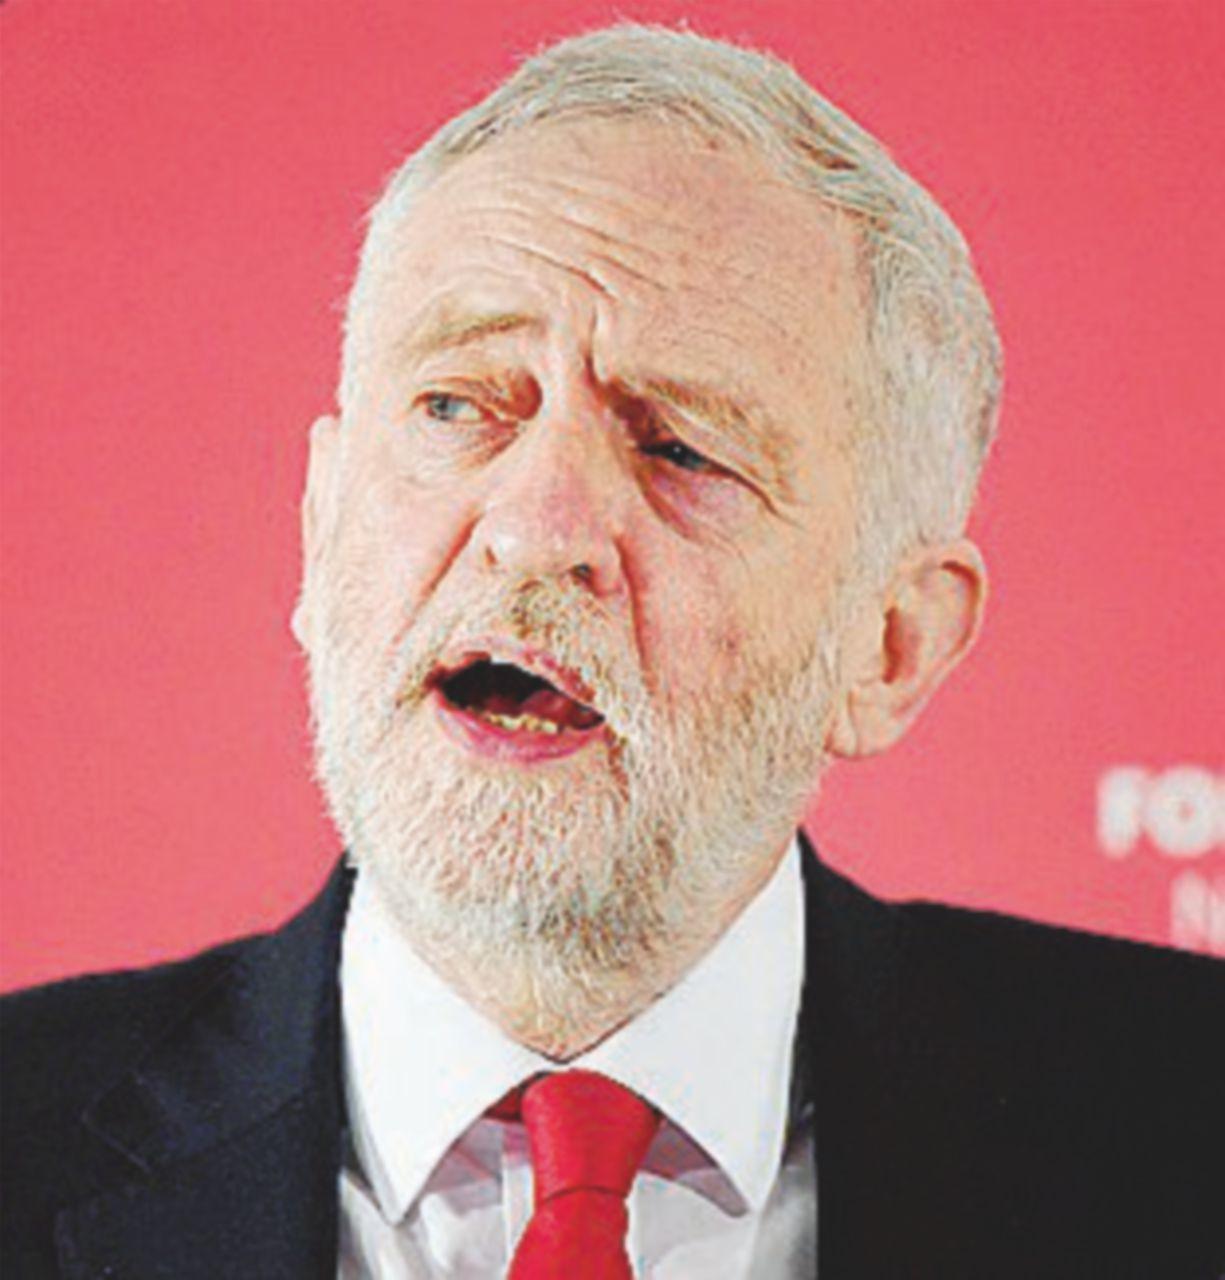 Compagni che sbagliano: Corbyn censurato dalla sinistra ebraica